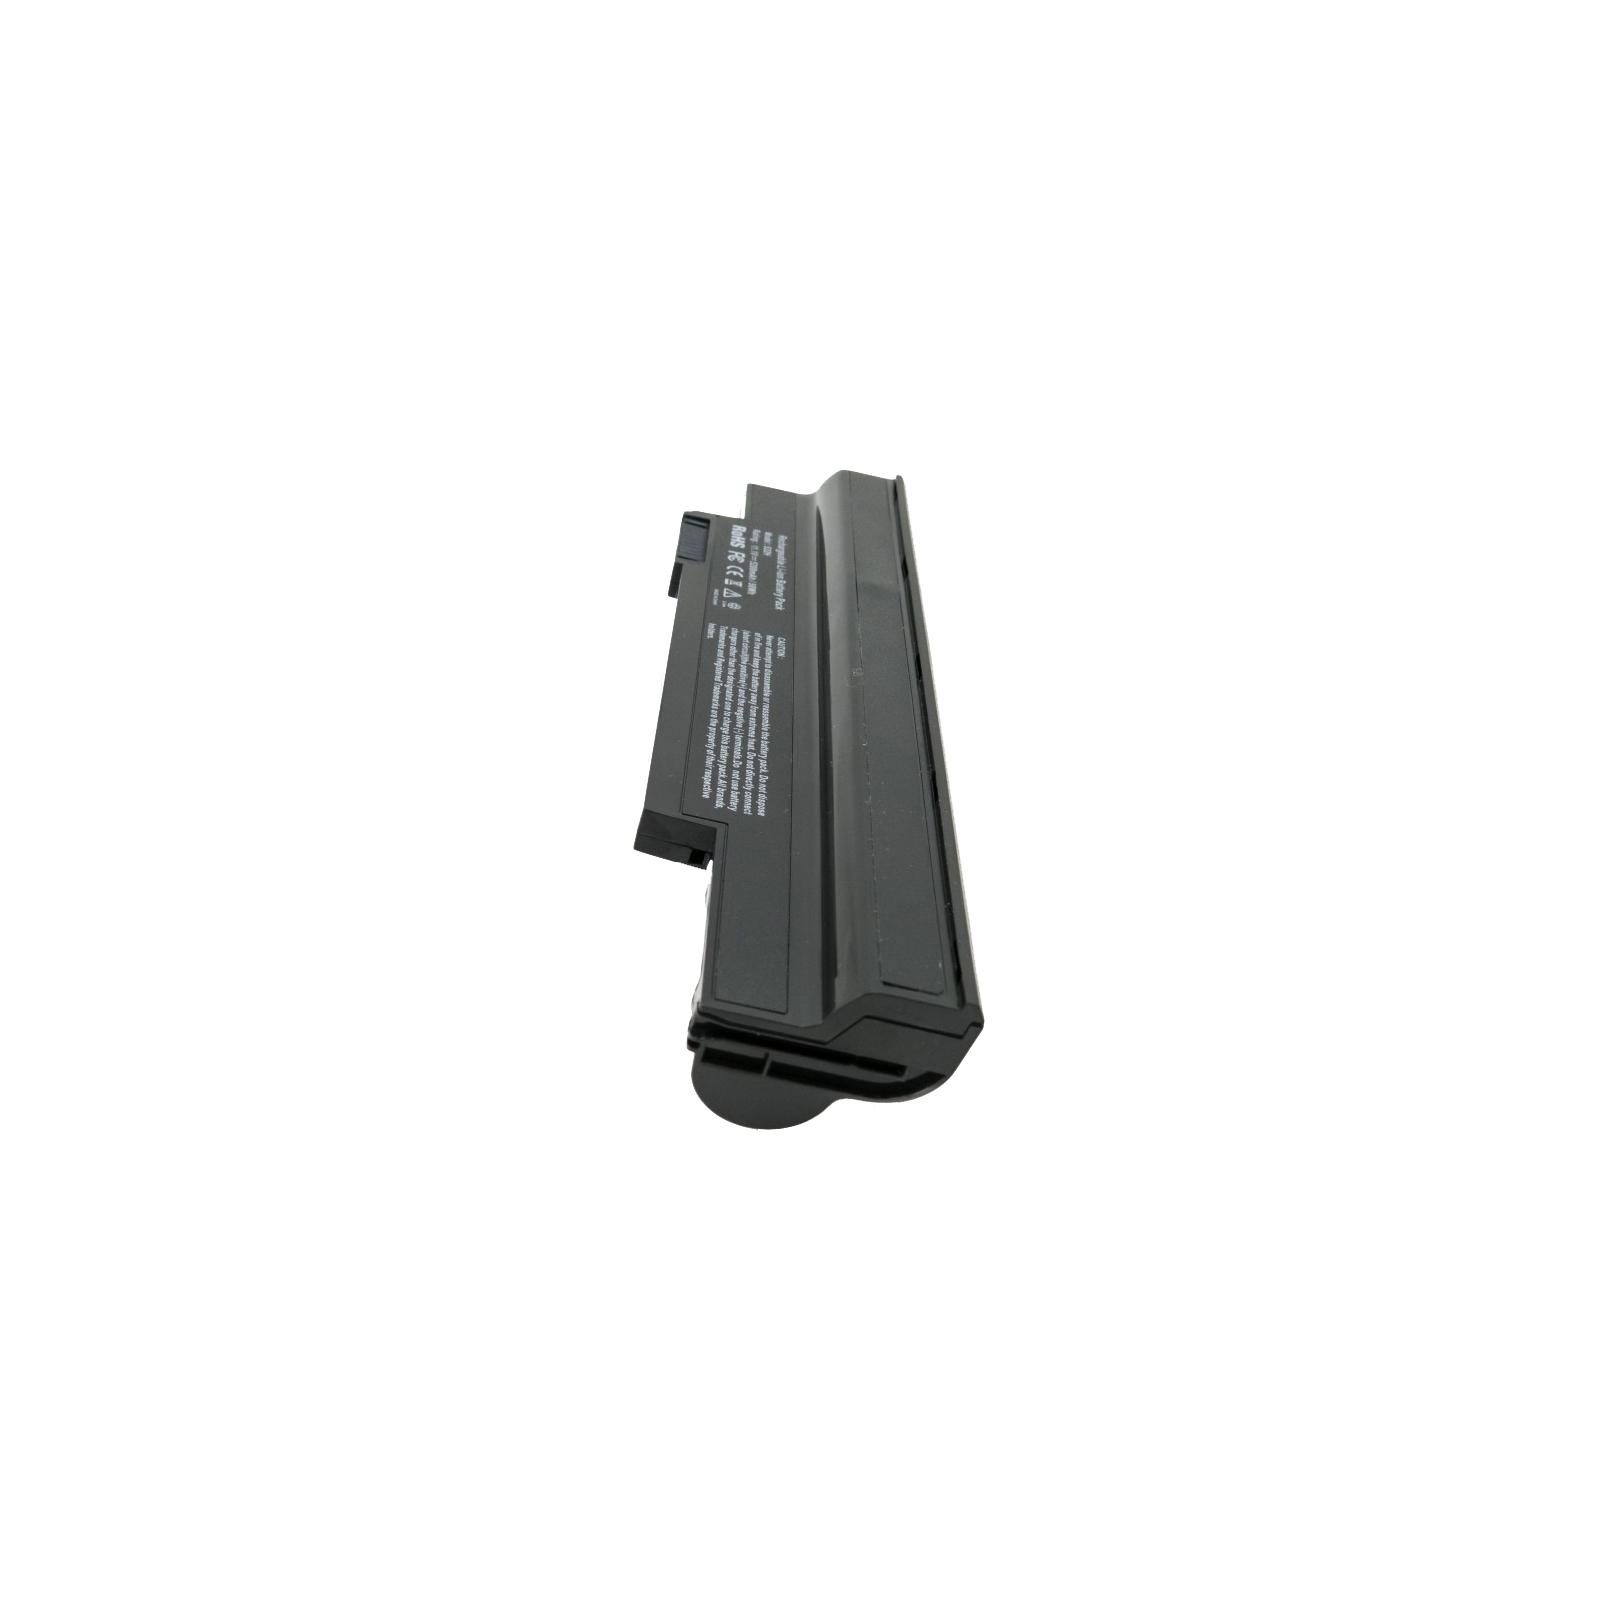 Аккумулятор для ноутбука Acer Aspire 532h (UM09G31) 5200 mAh EXTRADIGITAL (BNA3910) изображение 5